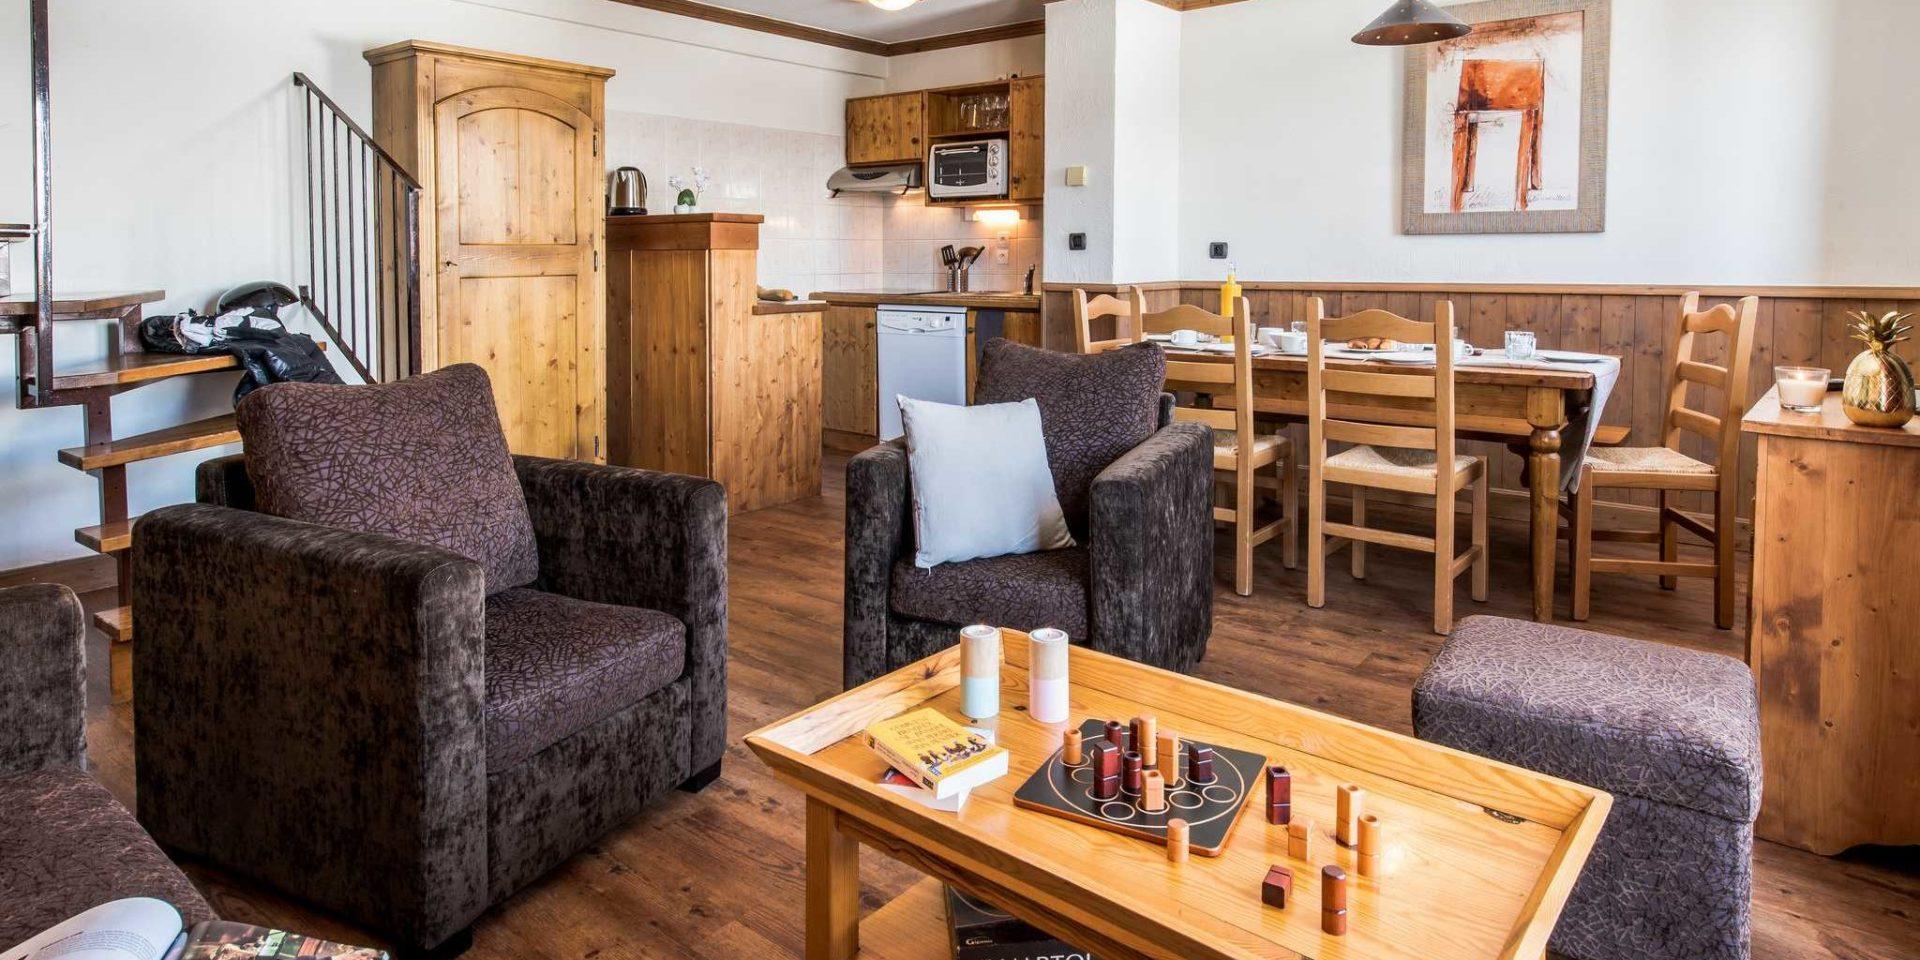 Residences Village Montana Tignes Tignes-Val d'Isere Frankrijk wintersport skivakantie luxe living 4K6 bruine fauteuils hocker salontafel gezelschapsspel kaarsen gedekte tafel houten stoelen schilderij hanglamp keuken trap